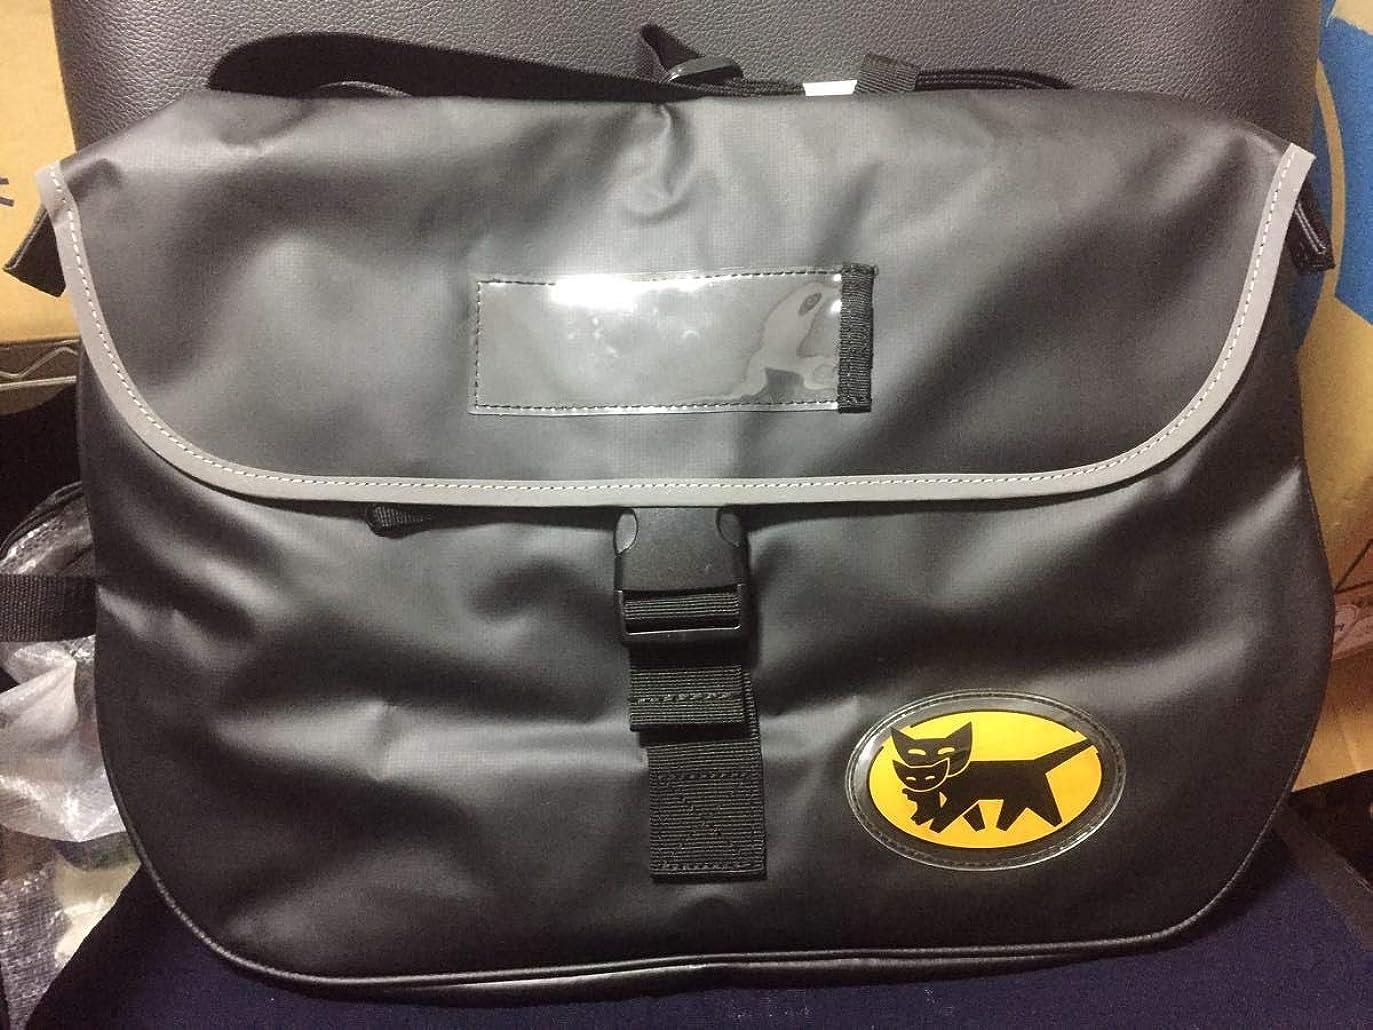 ホイスト化石入力クロネコヤマト ヤマト運輸 非売品 ショルダーバッグ 肩掛け ロゴ 黒